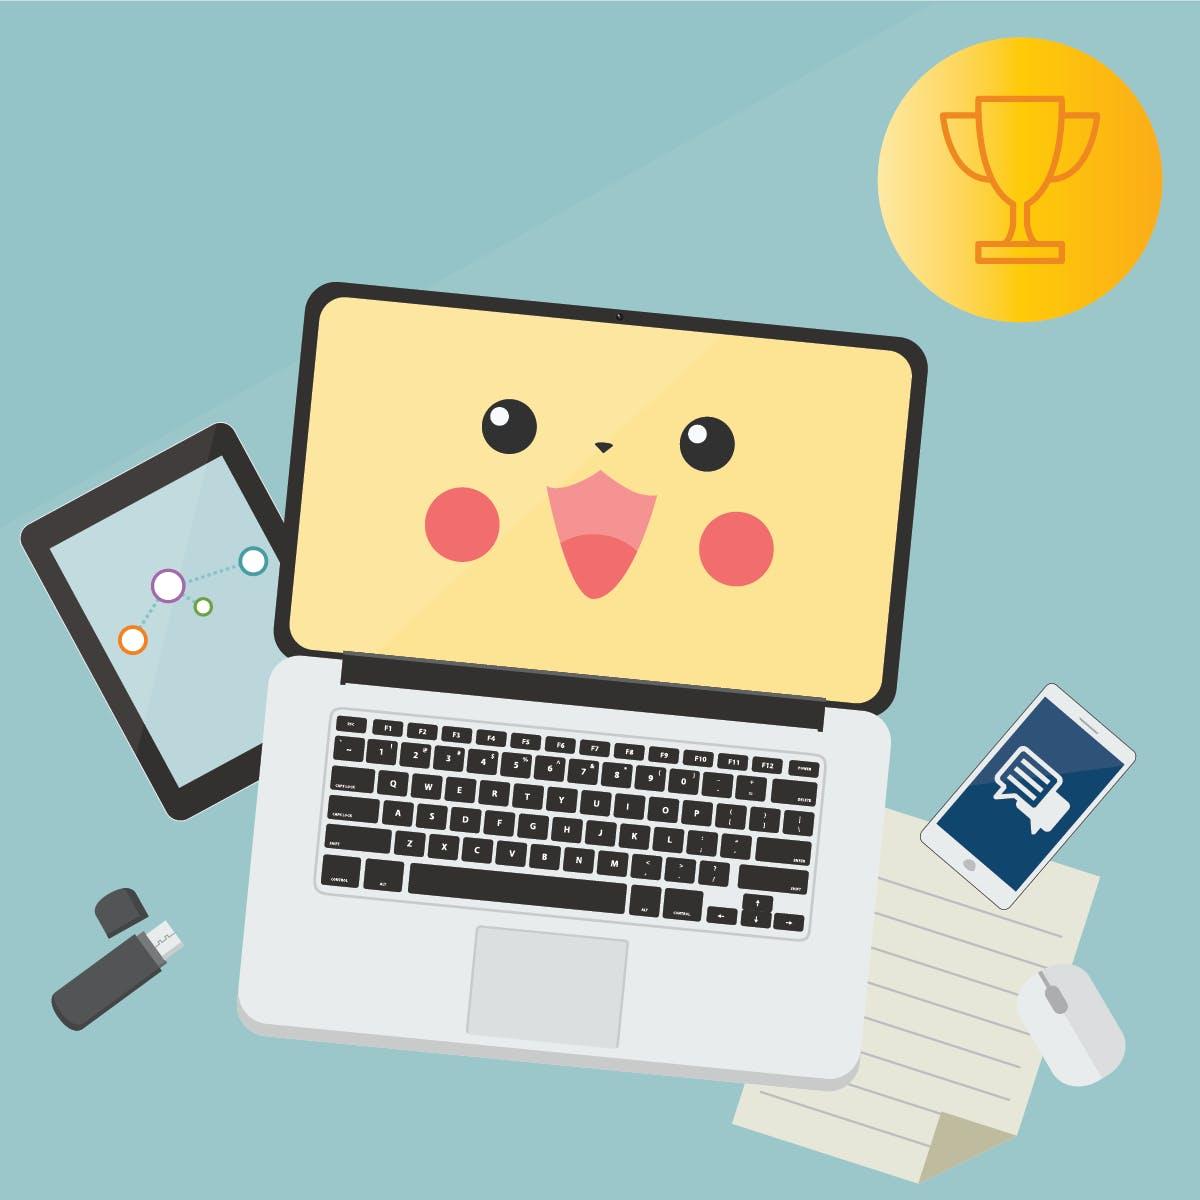 Правовое регулирование отношений в Интернете. Российская перспектива